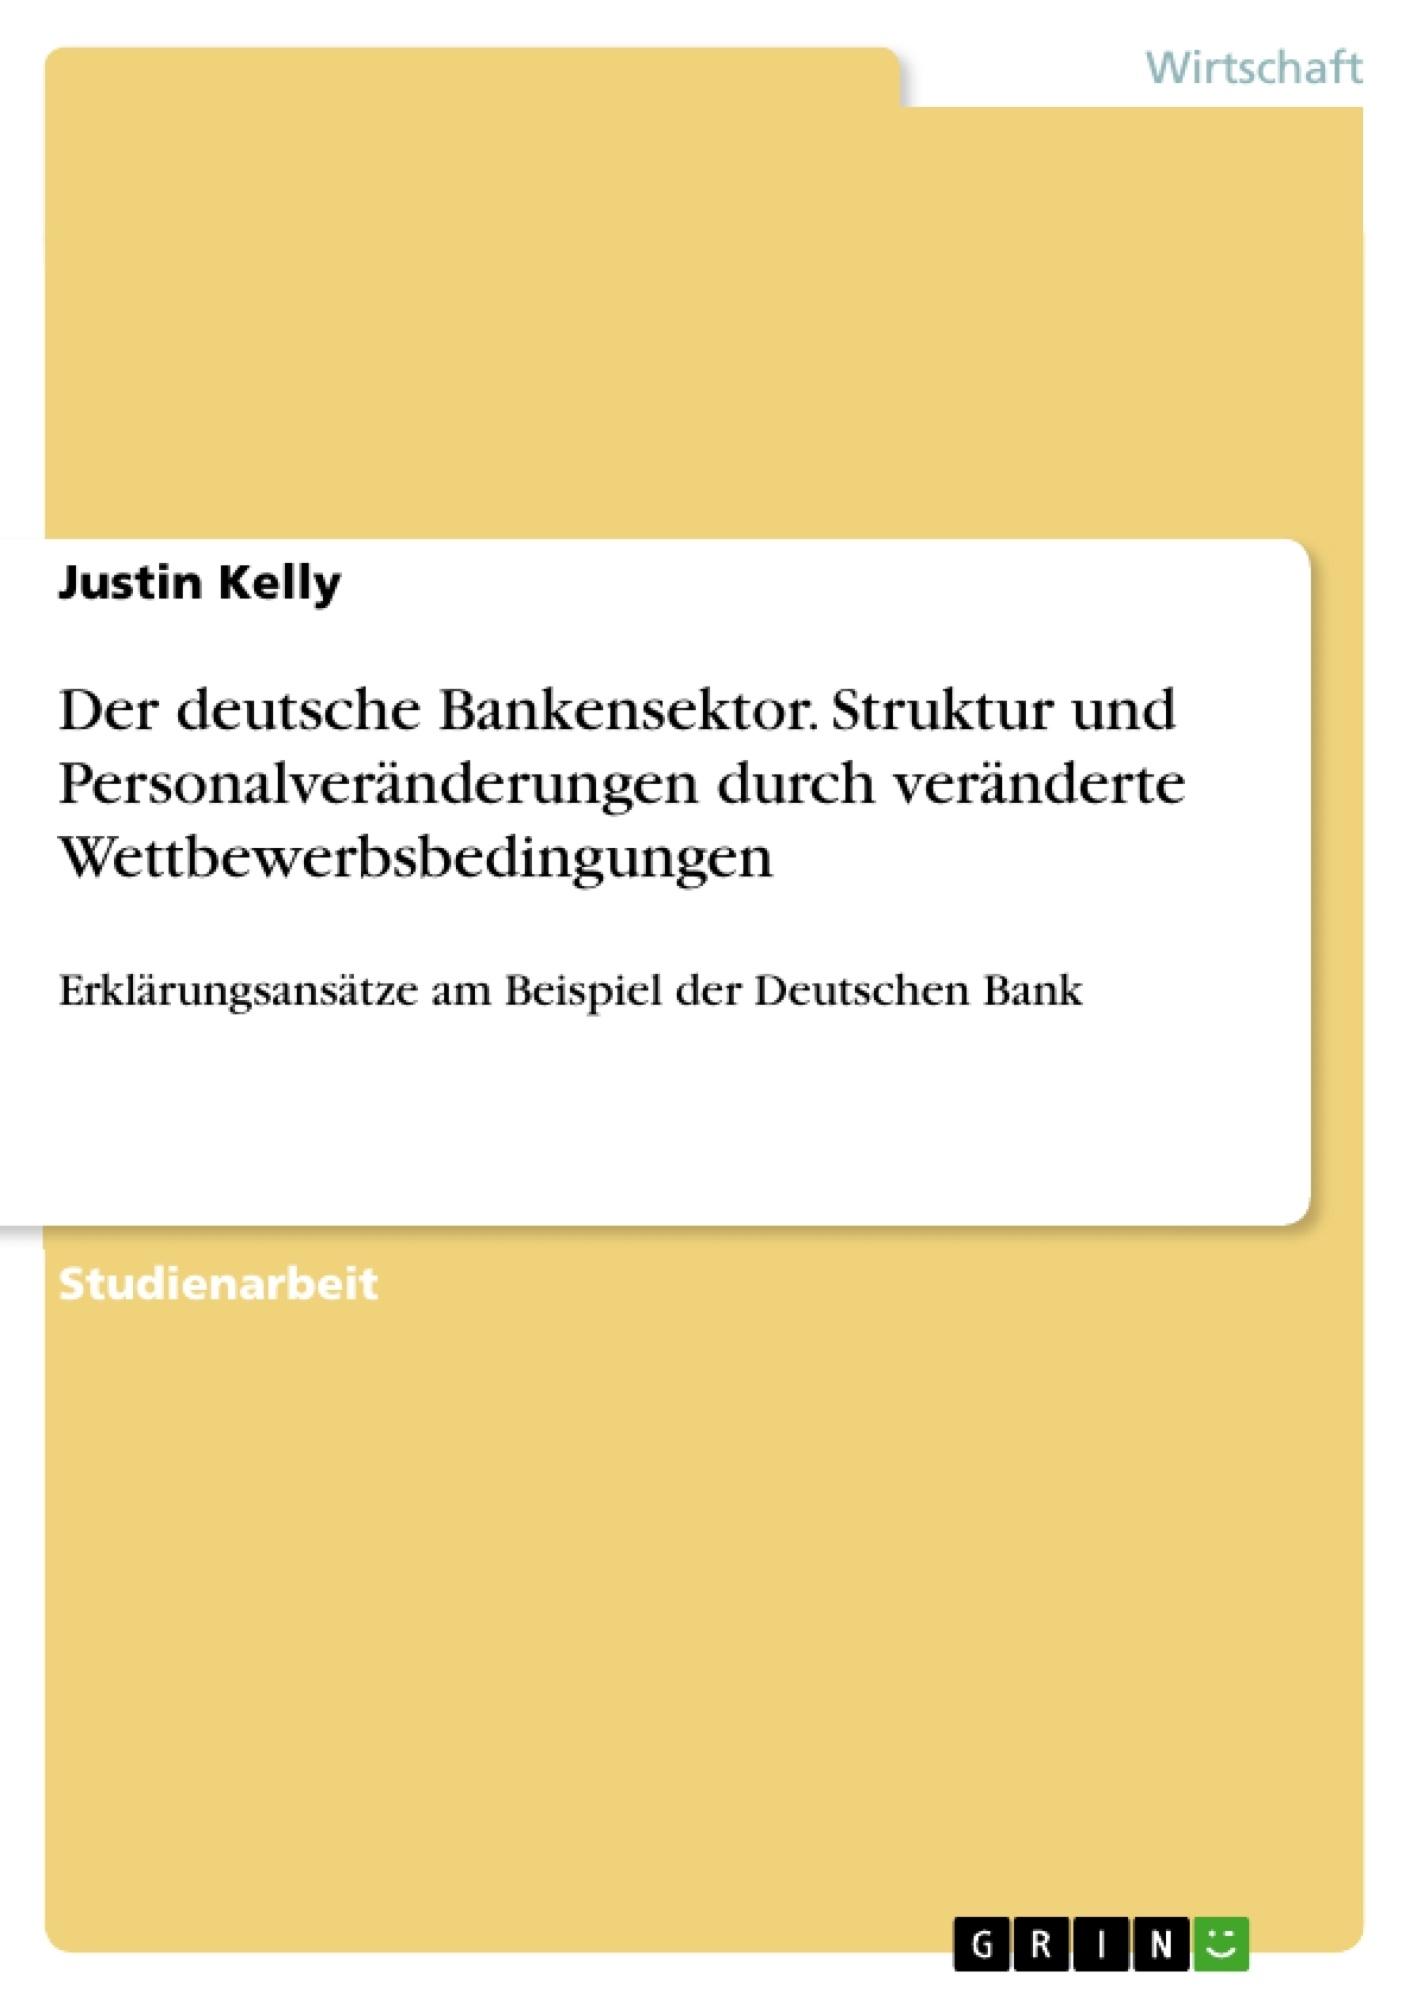 Titel: Der deutsche Bankensektor. Struktur und Personalveränderungen durch veränderte Wettbewerbsbedingungen